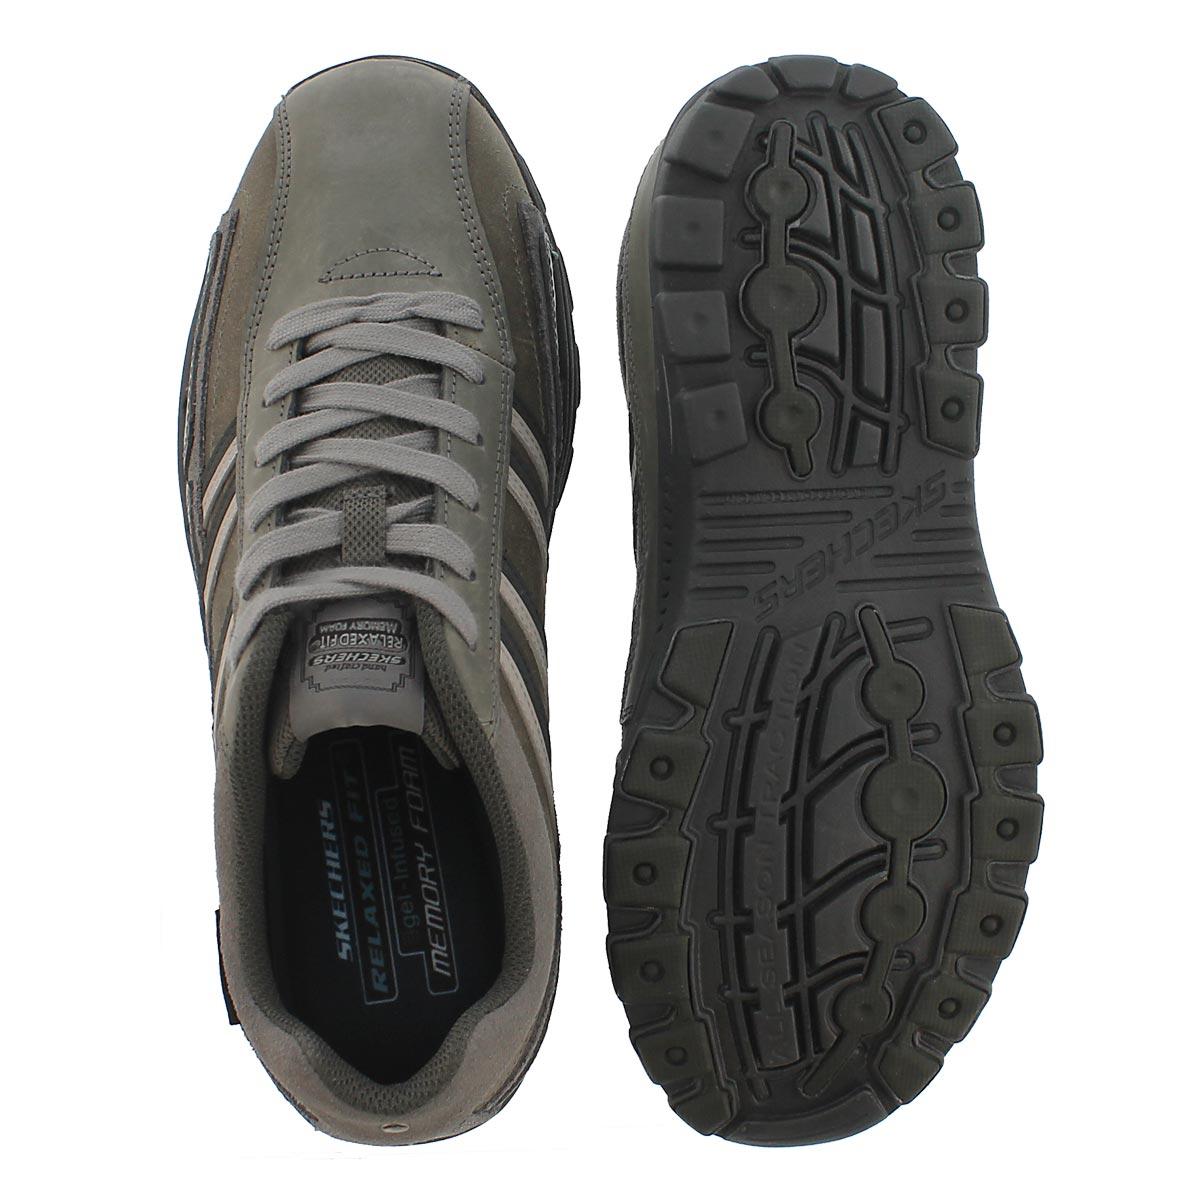 Mns Braver Gonsor charc lace-up shoes